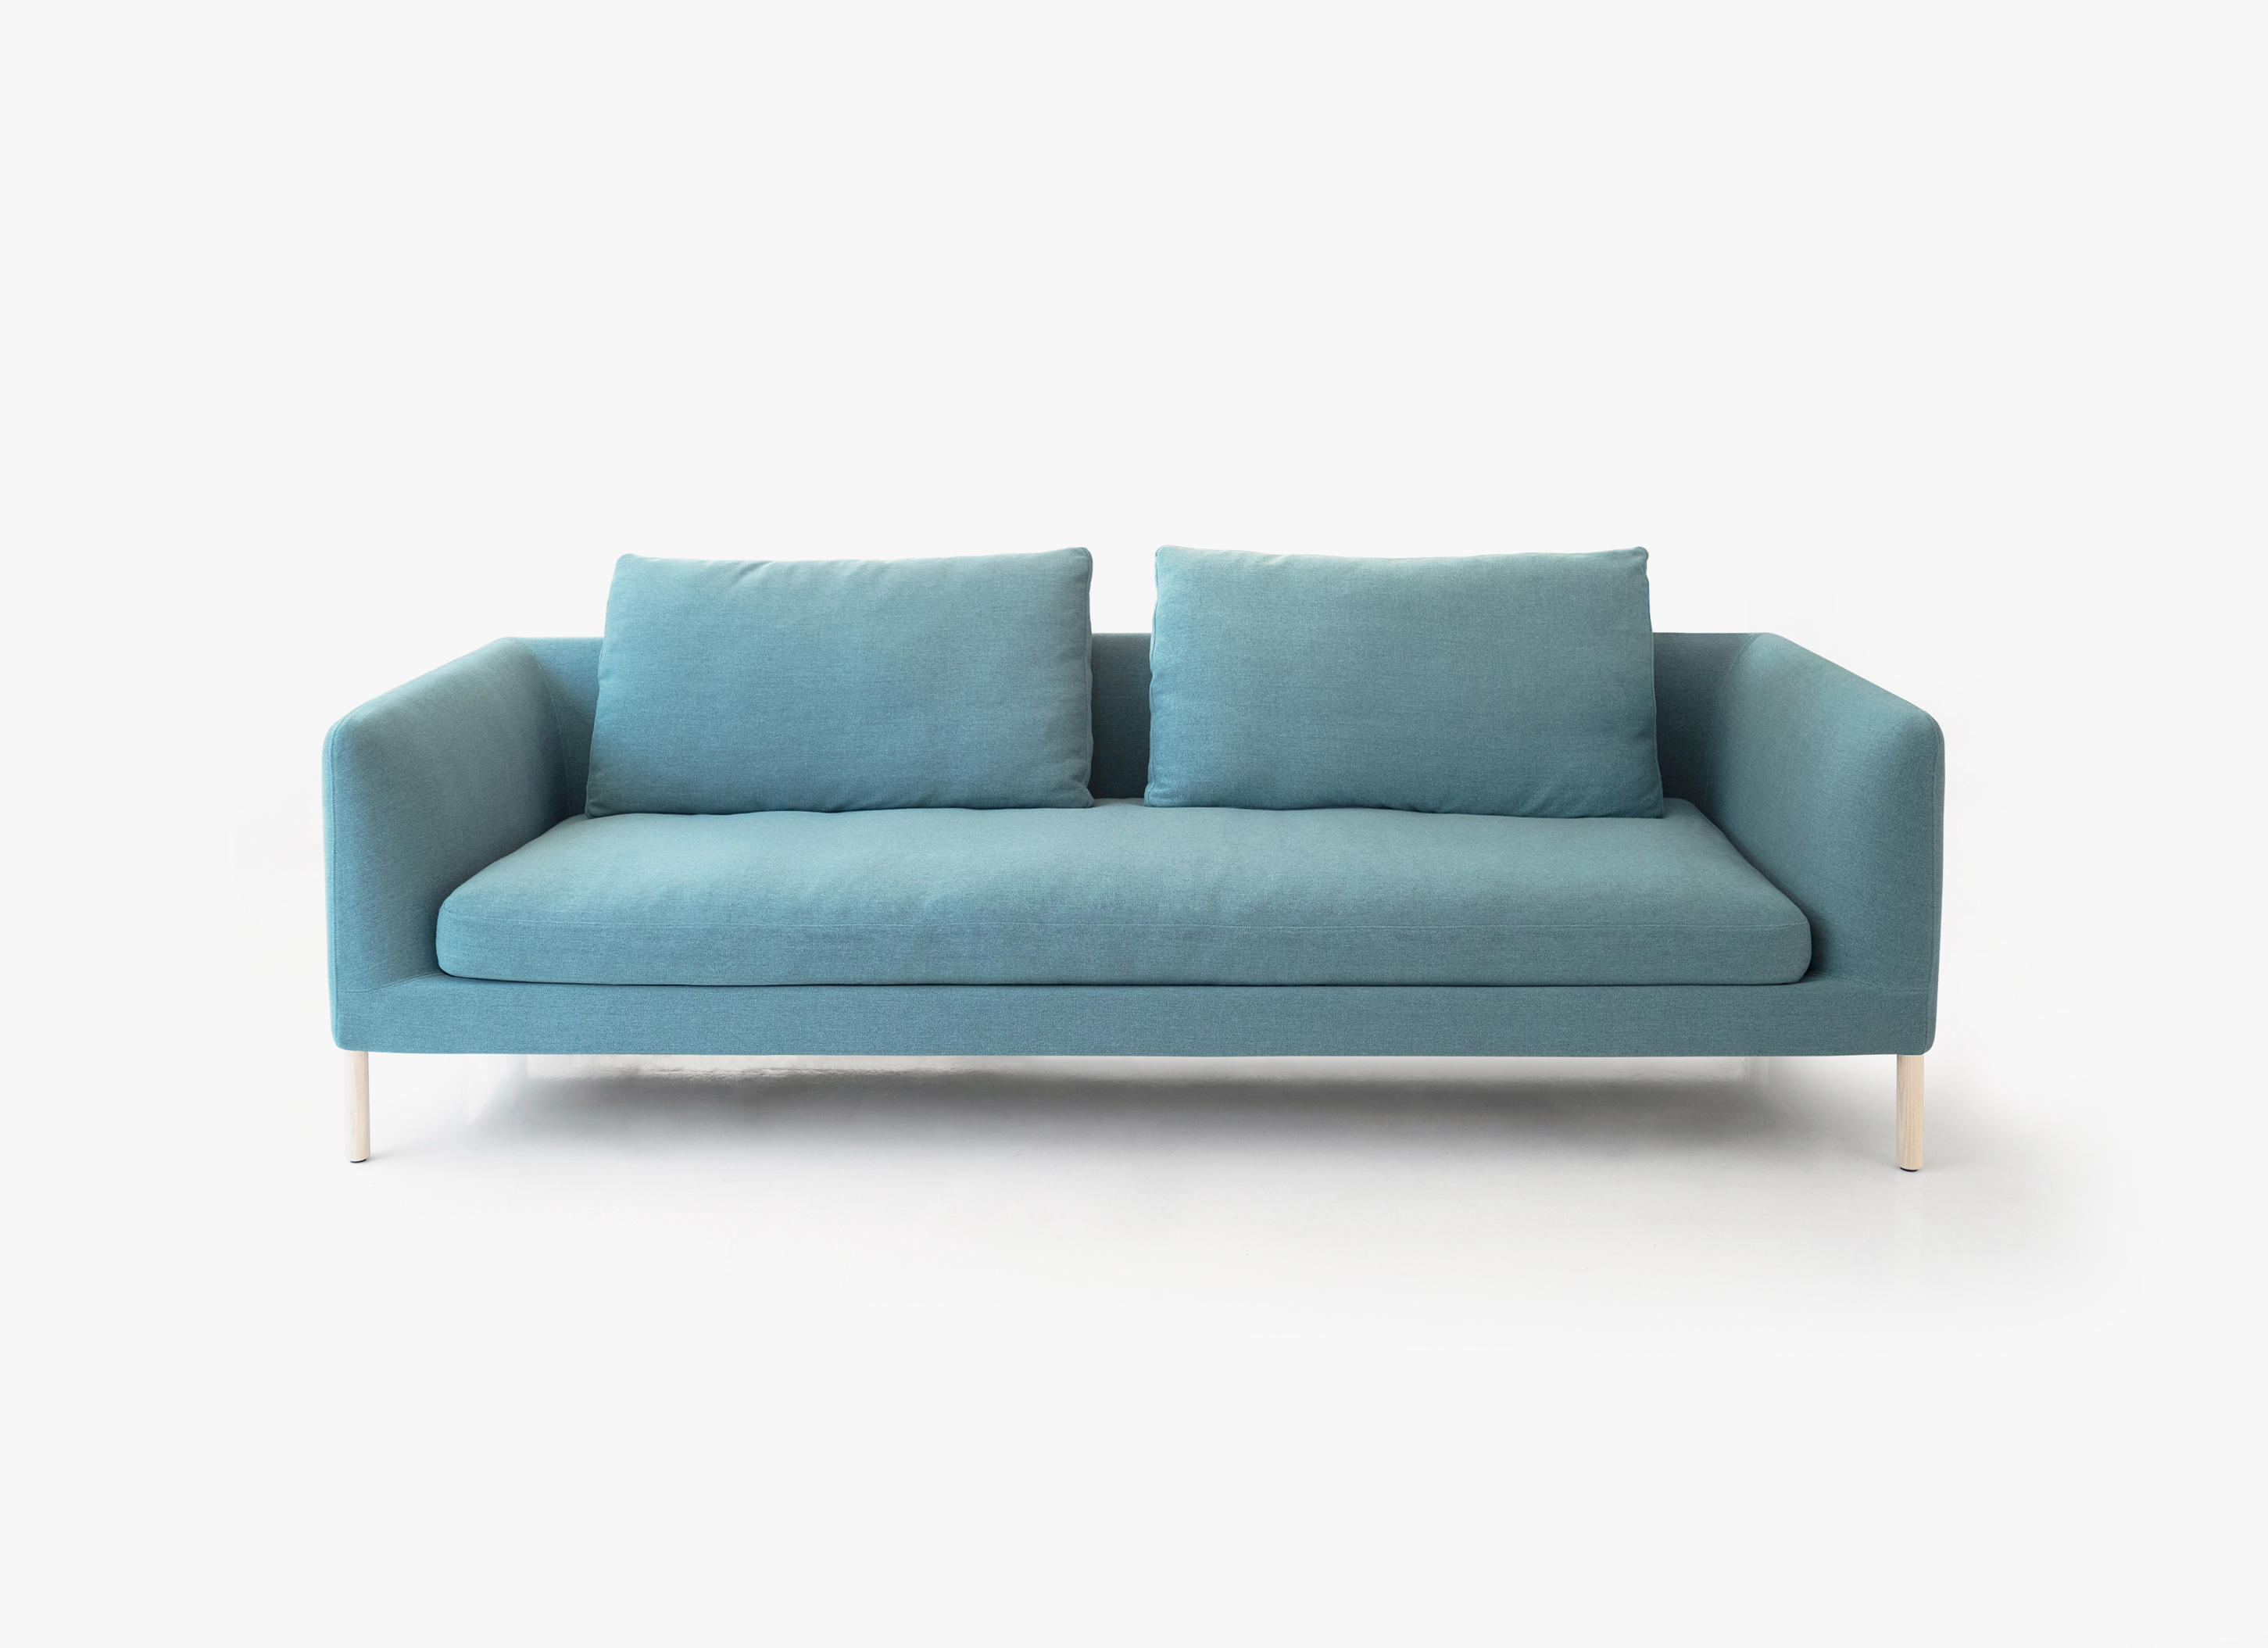 bensen lite sofa cheap futon beds melbourne cover home the honoroak